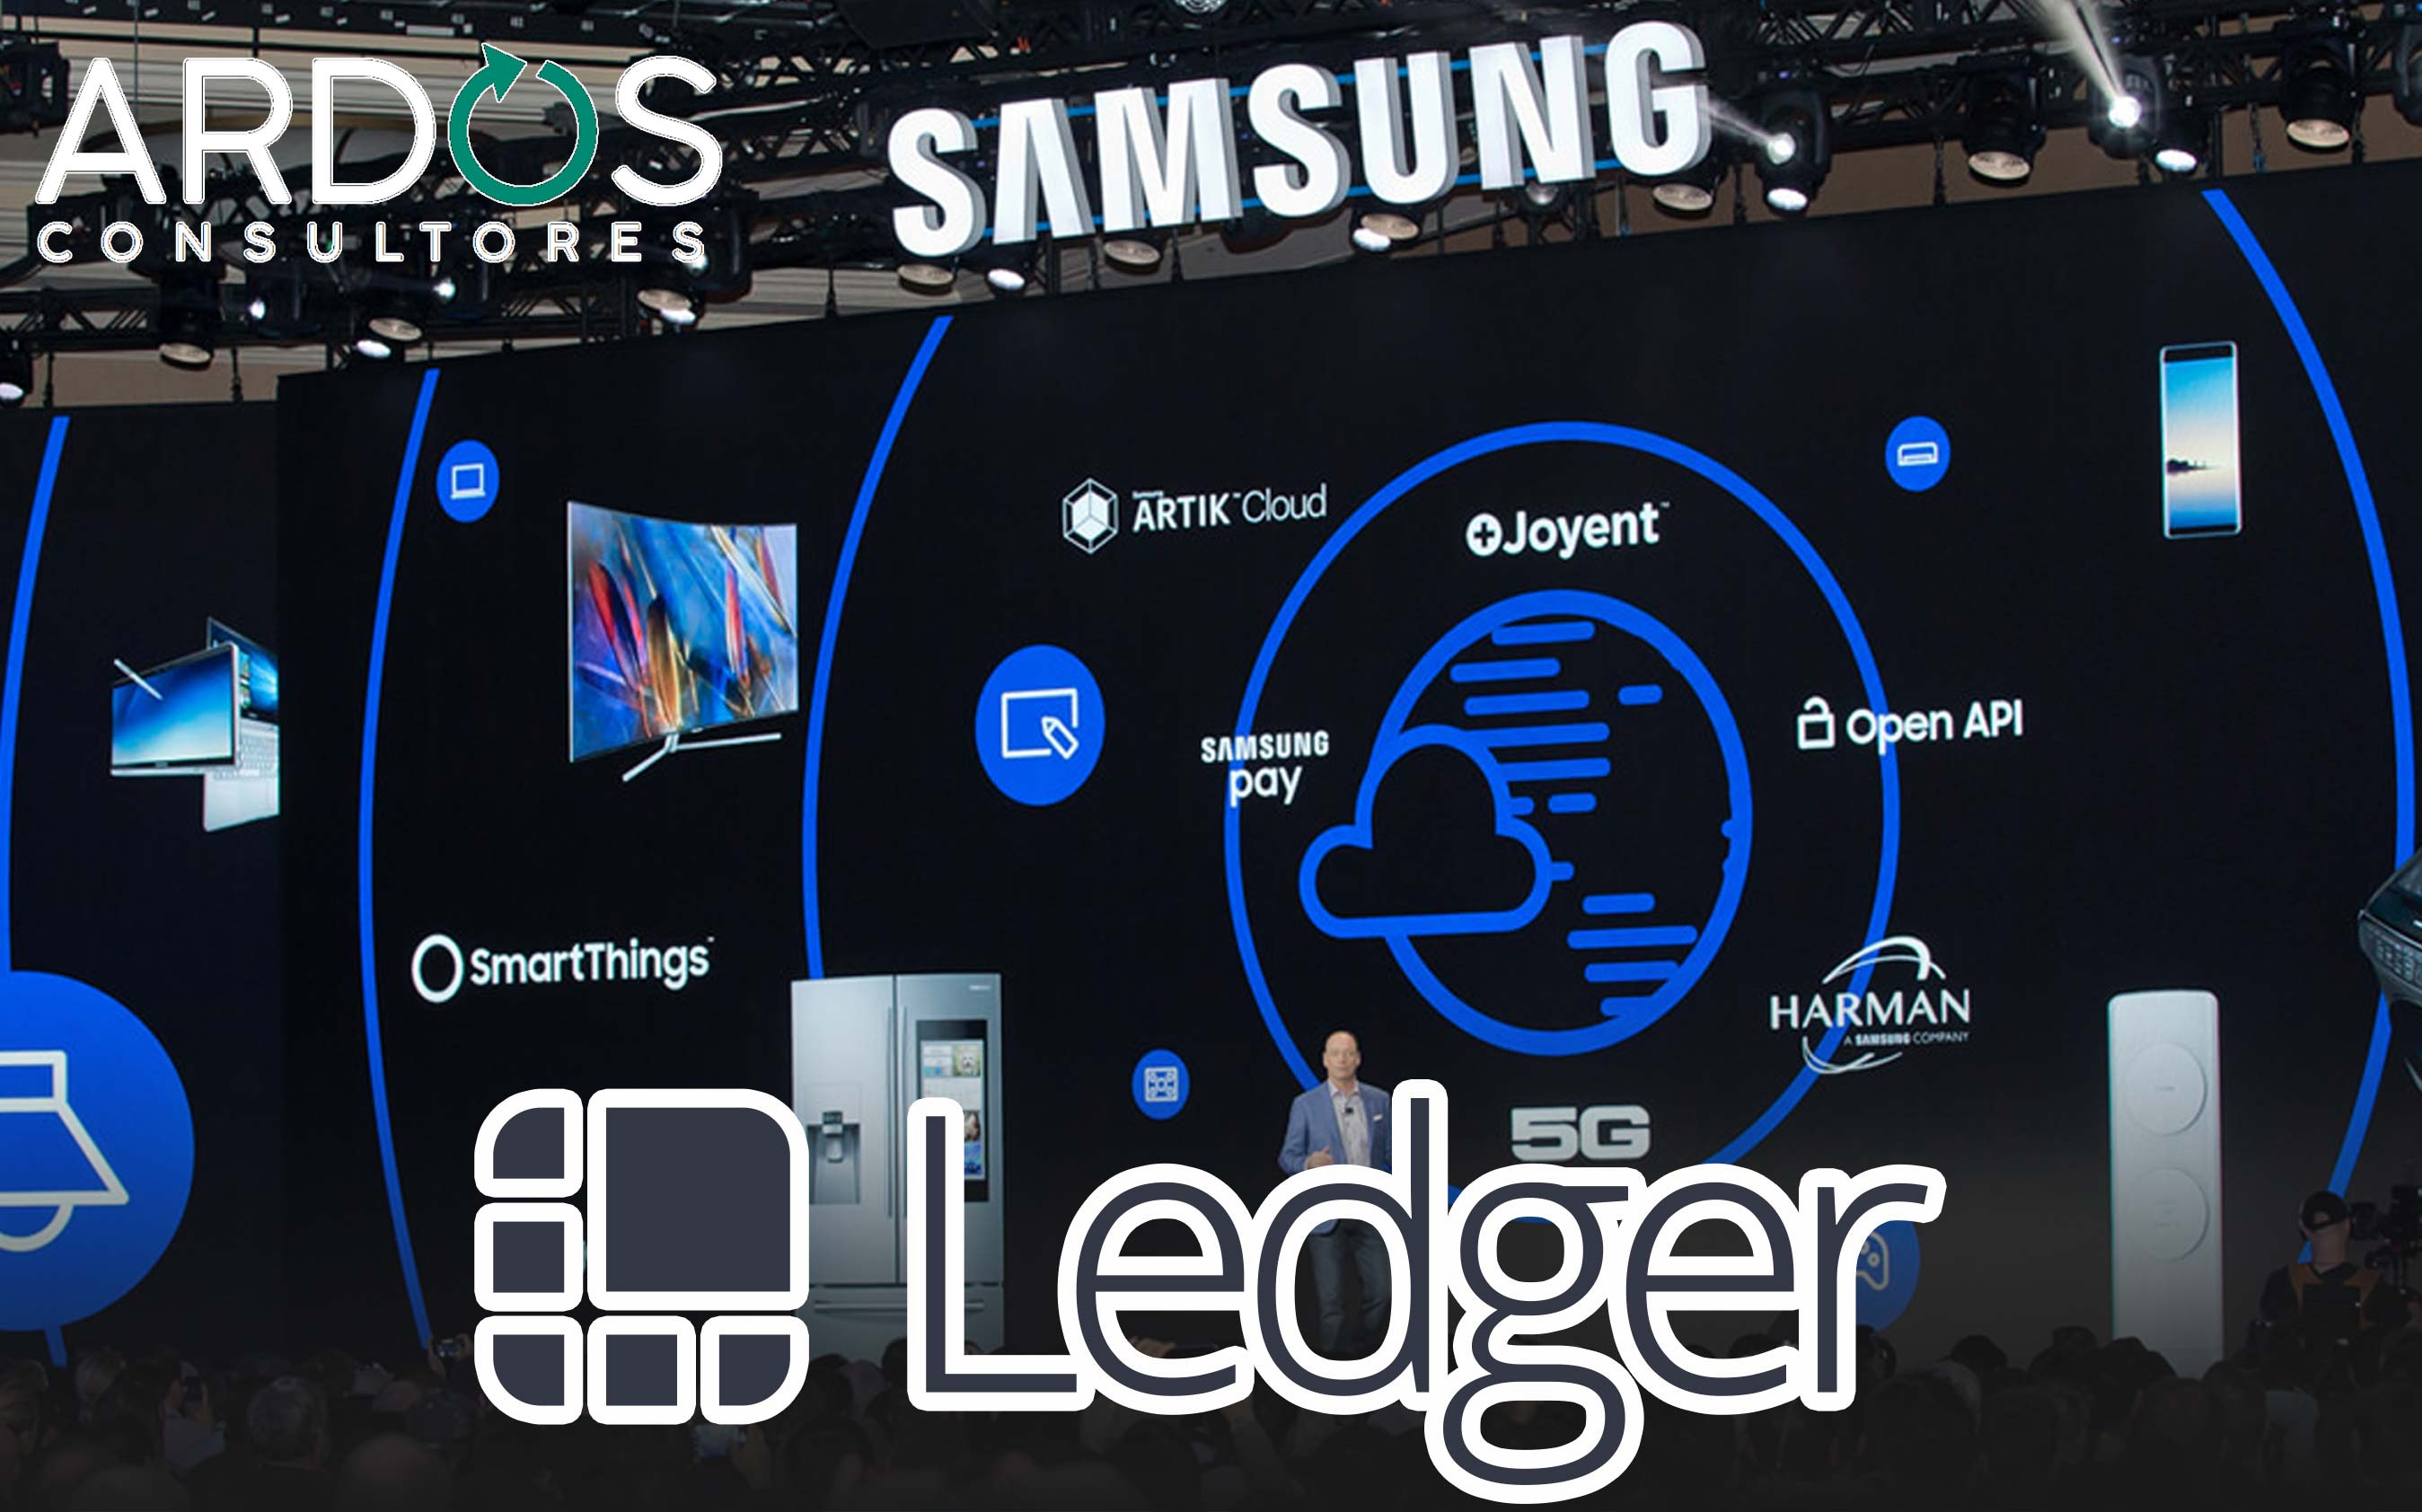 compañía samsung-millones en legger-ardosconsultores.net